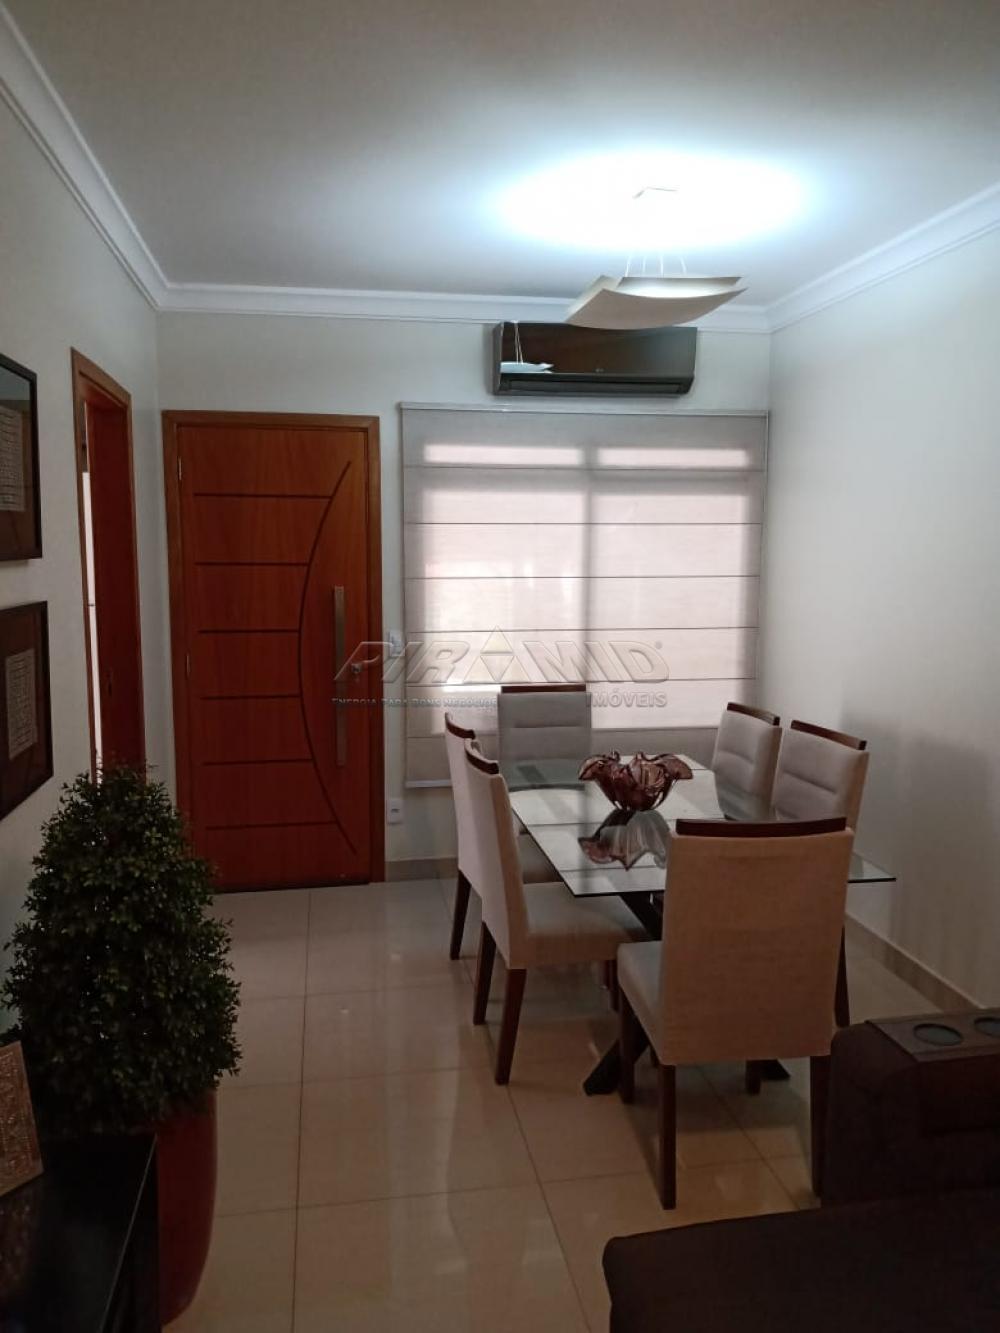 Comprar Casa / Condomínio em Ribeirão Preto R$ 490.000,00 - Foto 4